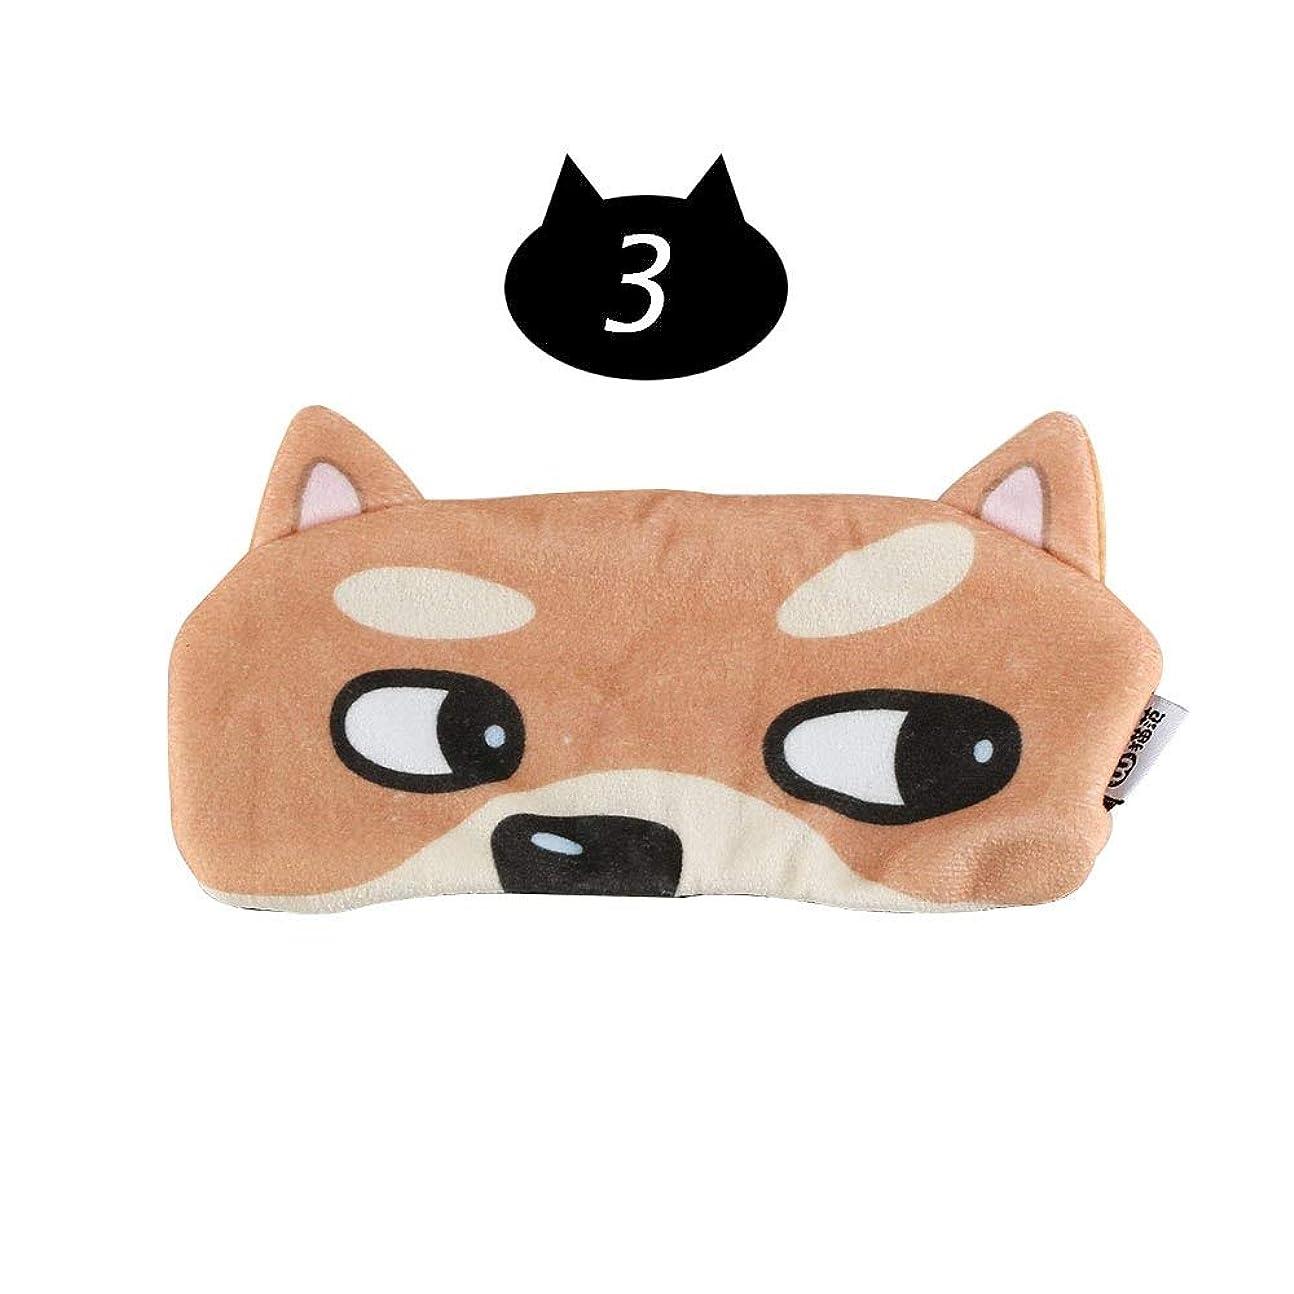 NOTE 1ピースポータブル3dかわいいソフトスリーピングフェイスアイマスク用女性&男性目隠しアイシェードカバーリラックス旅行睡眠目エイドアイパッチ